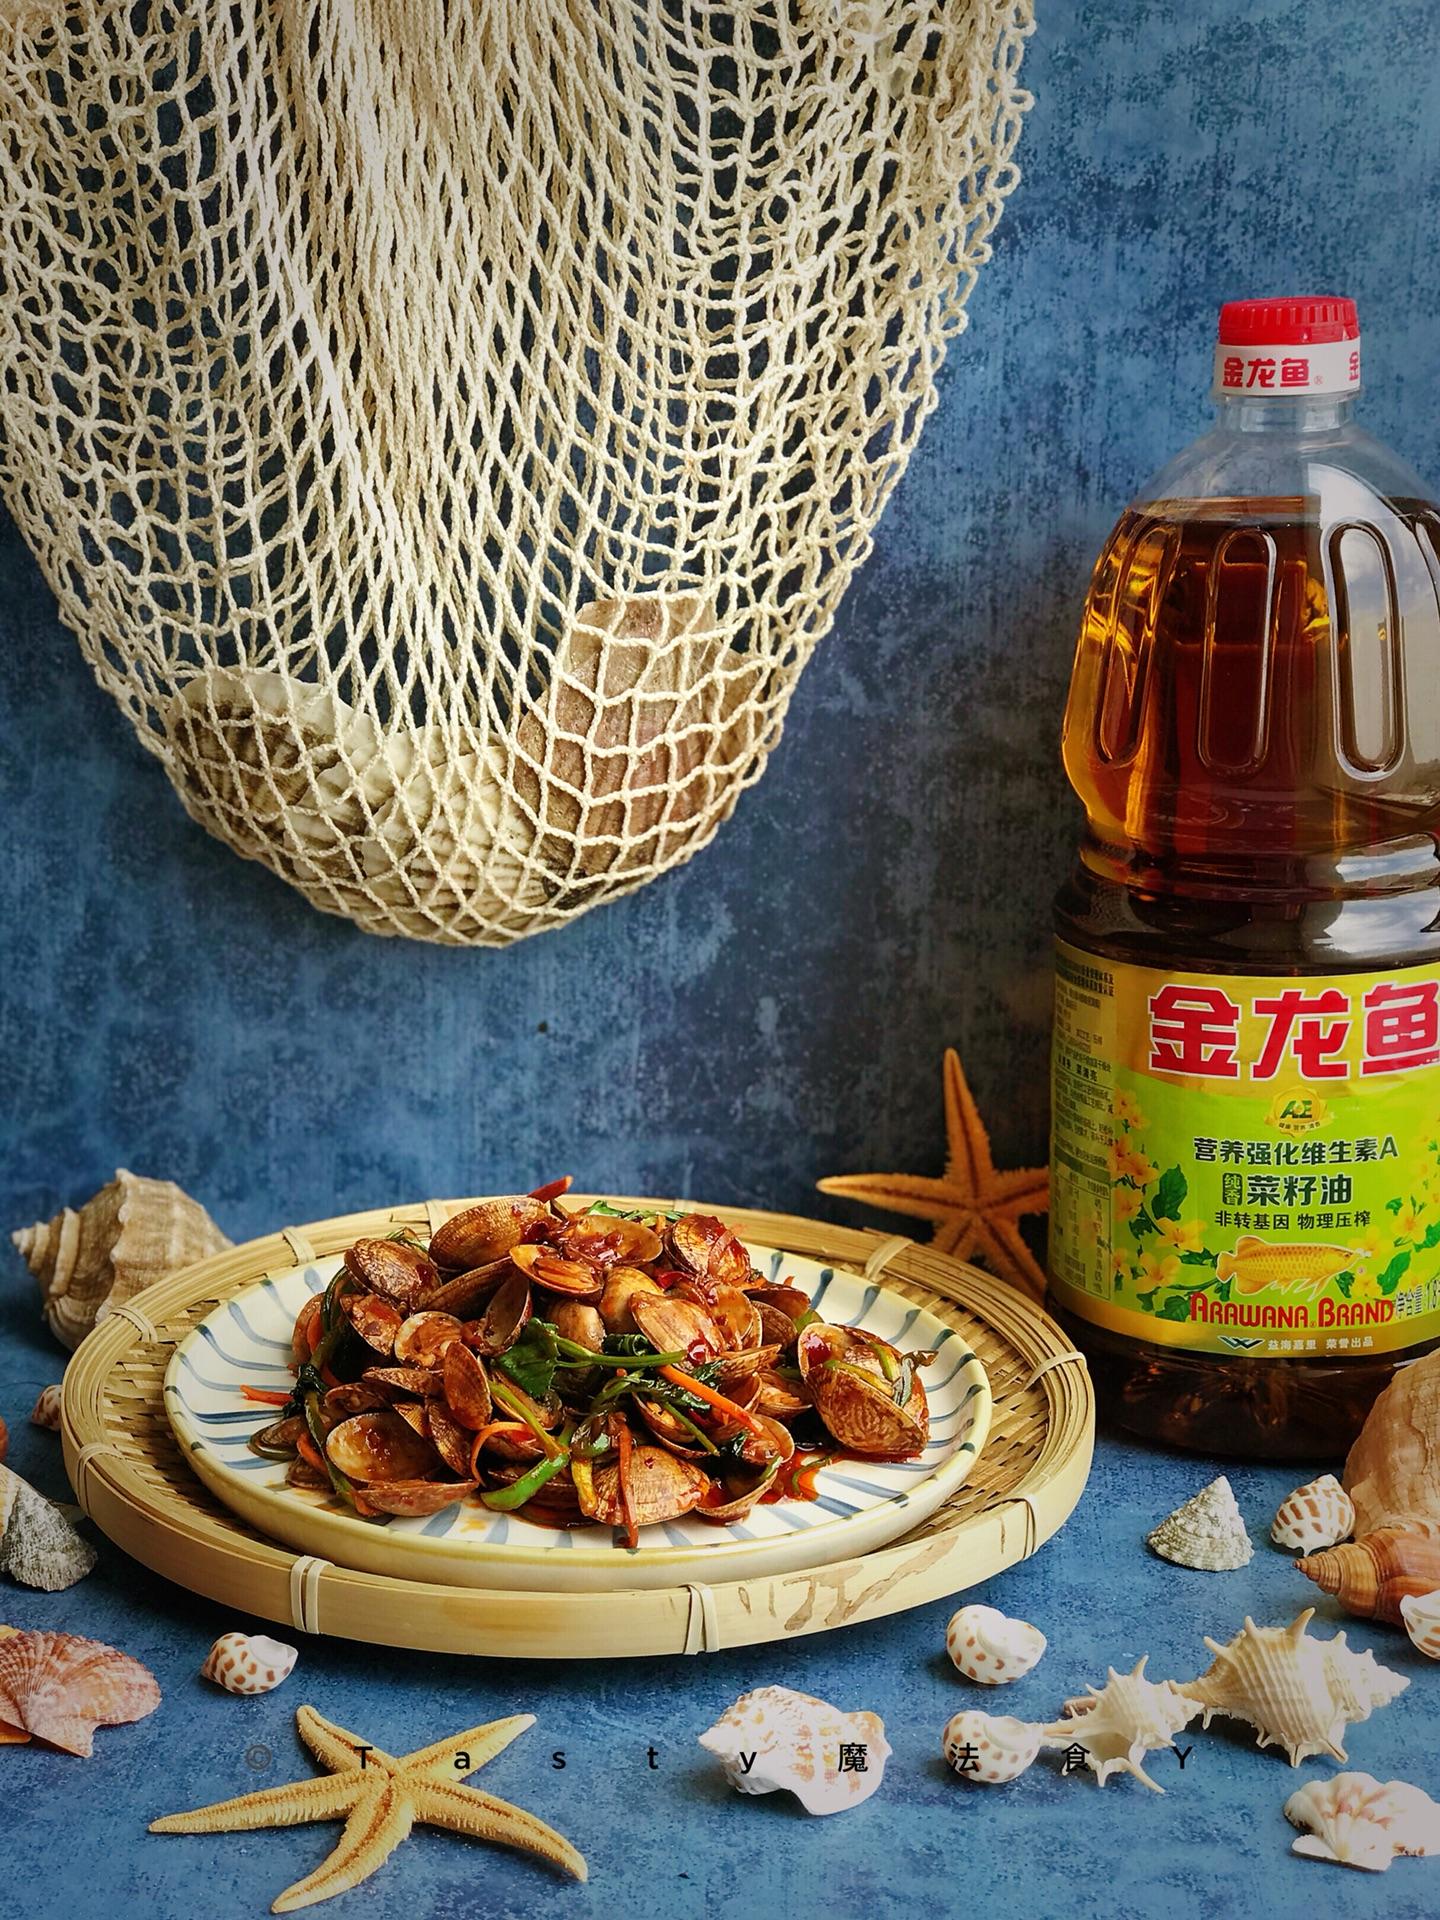 姜䲹a�_香辣葱姜爆炒花甲#金龙鱼营养强化维生素a 新派菜油